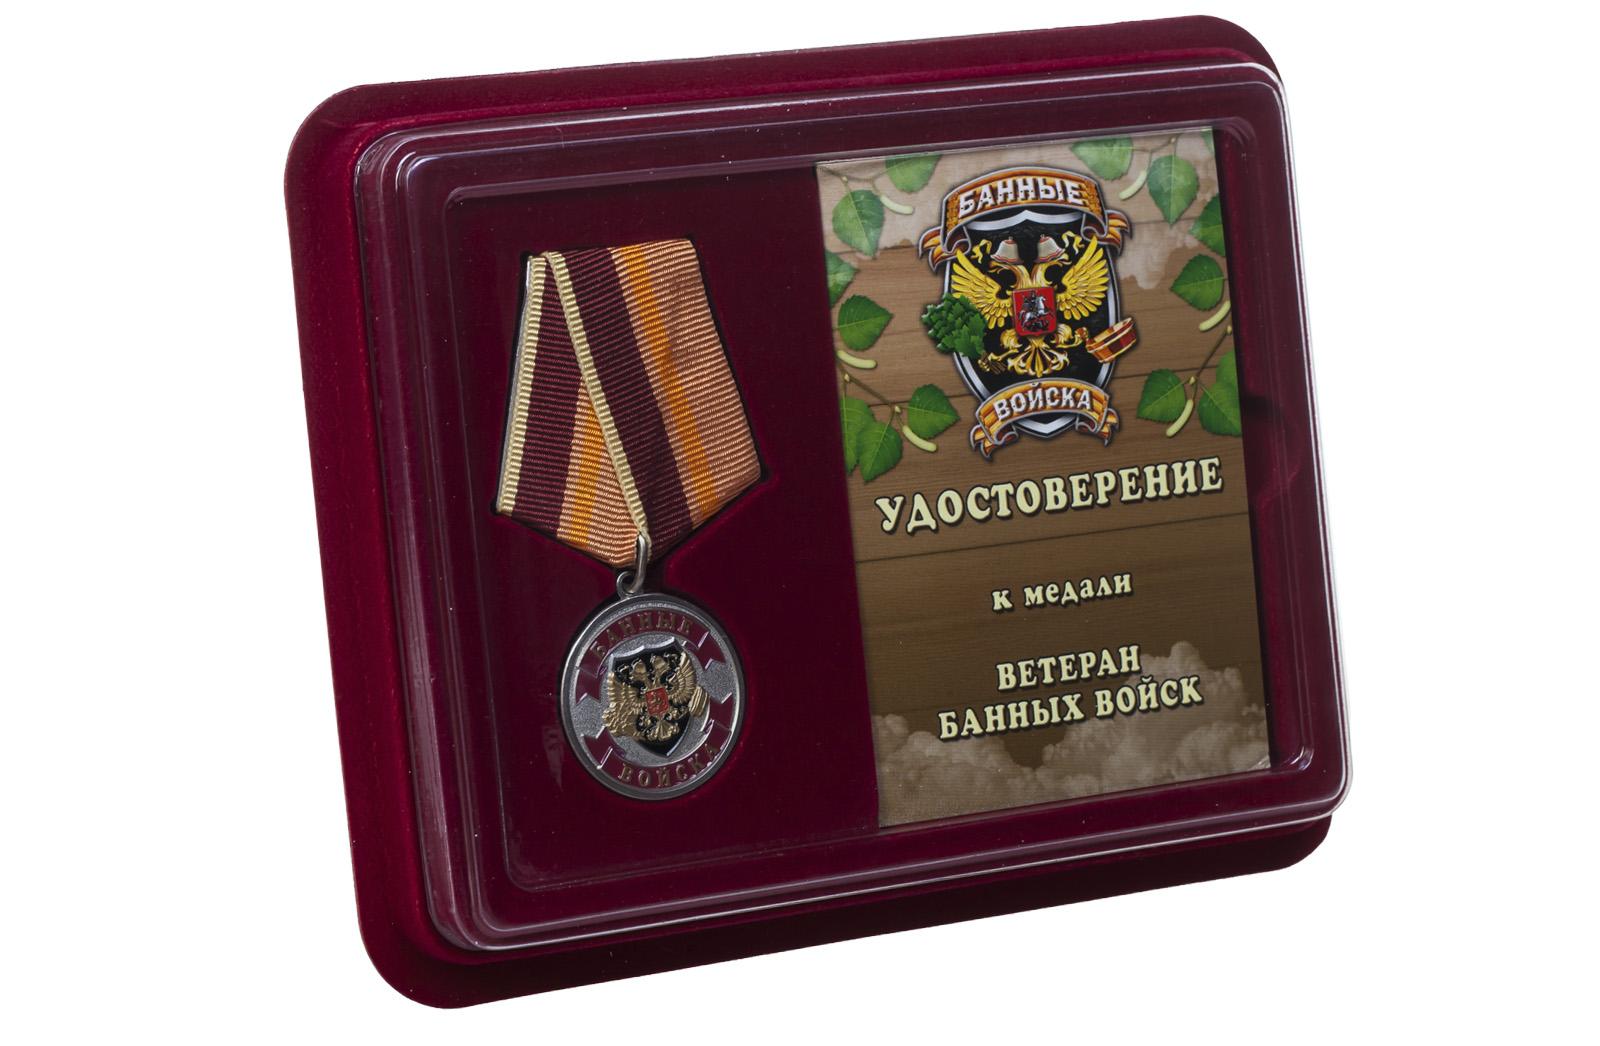 Купить сувенирную медаль Ветеран Банных войск онлайн с доставкой